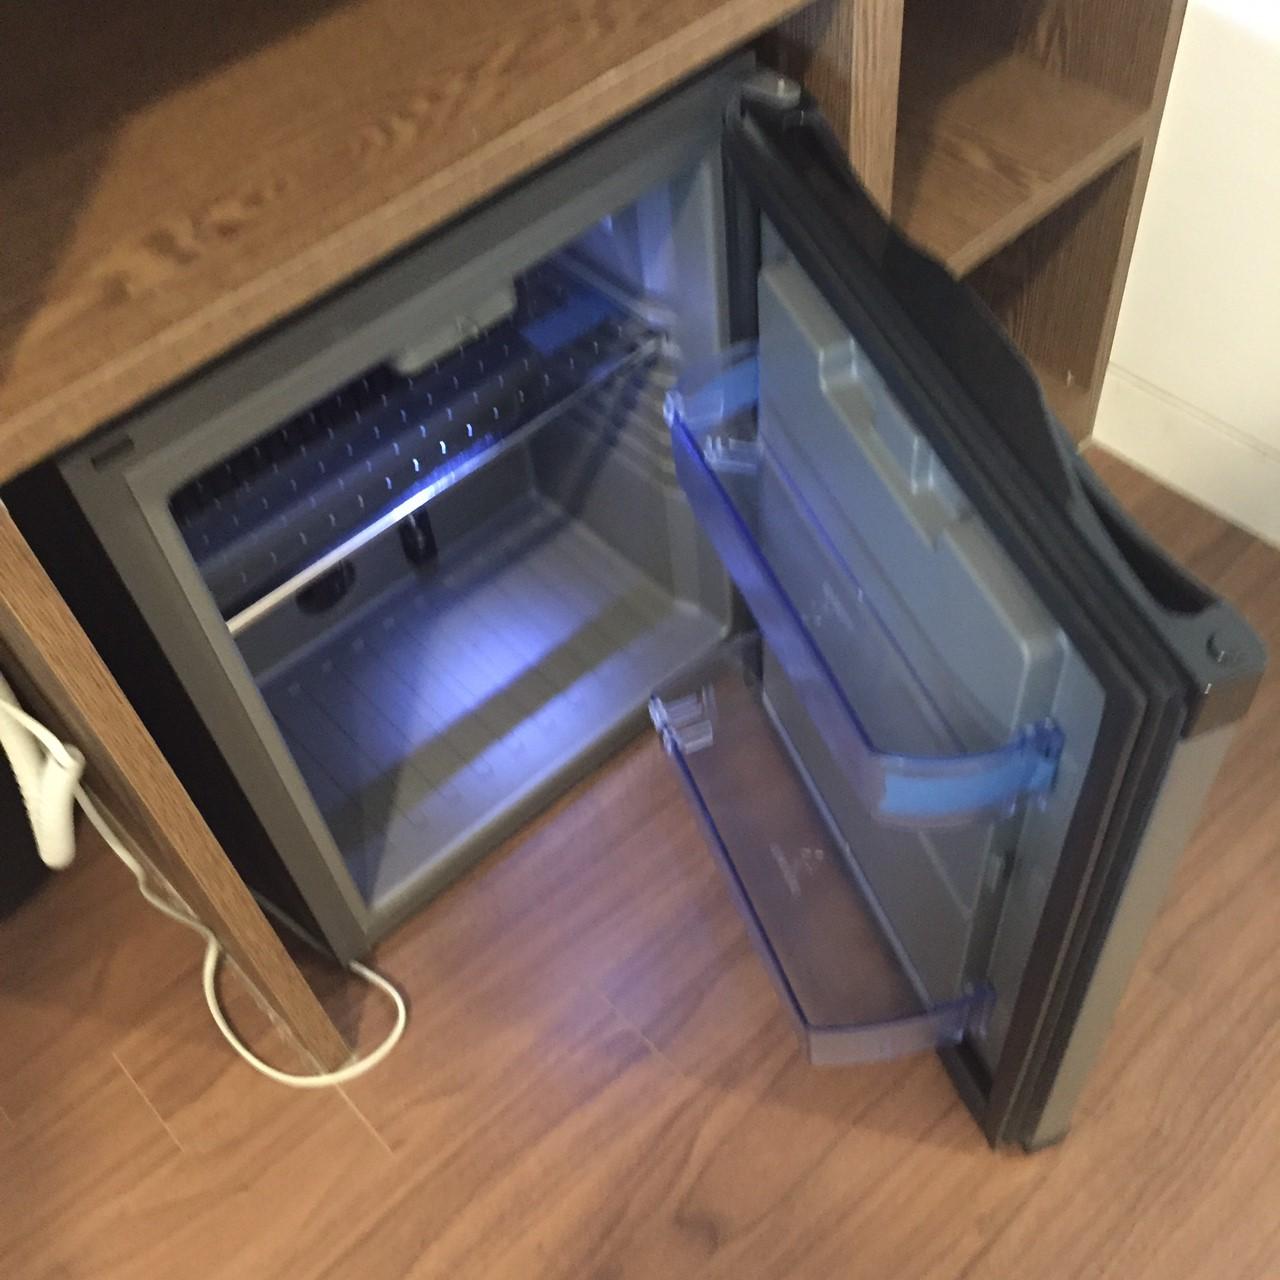 ステップイン明洞 ブログ 冷蔵庫